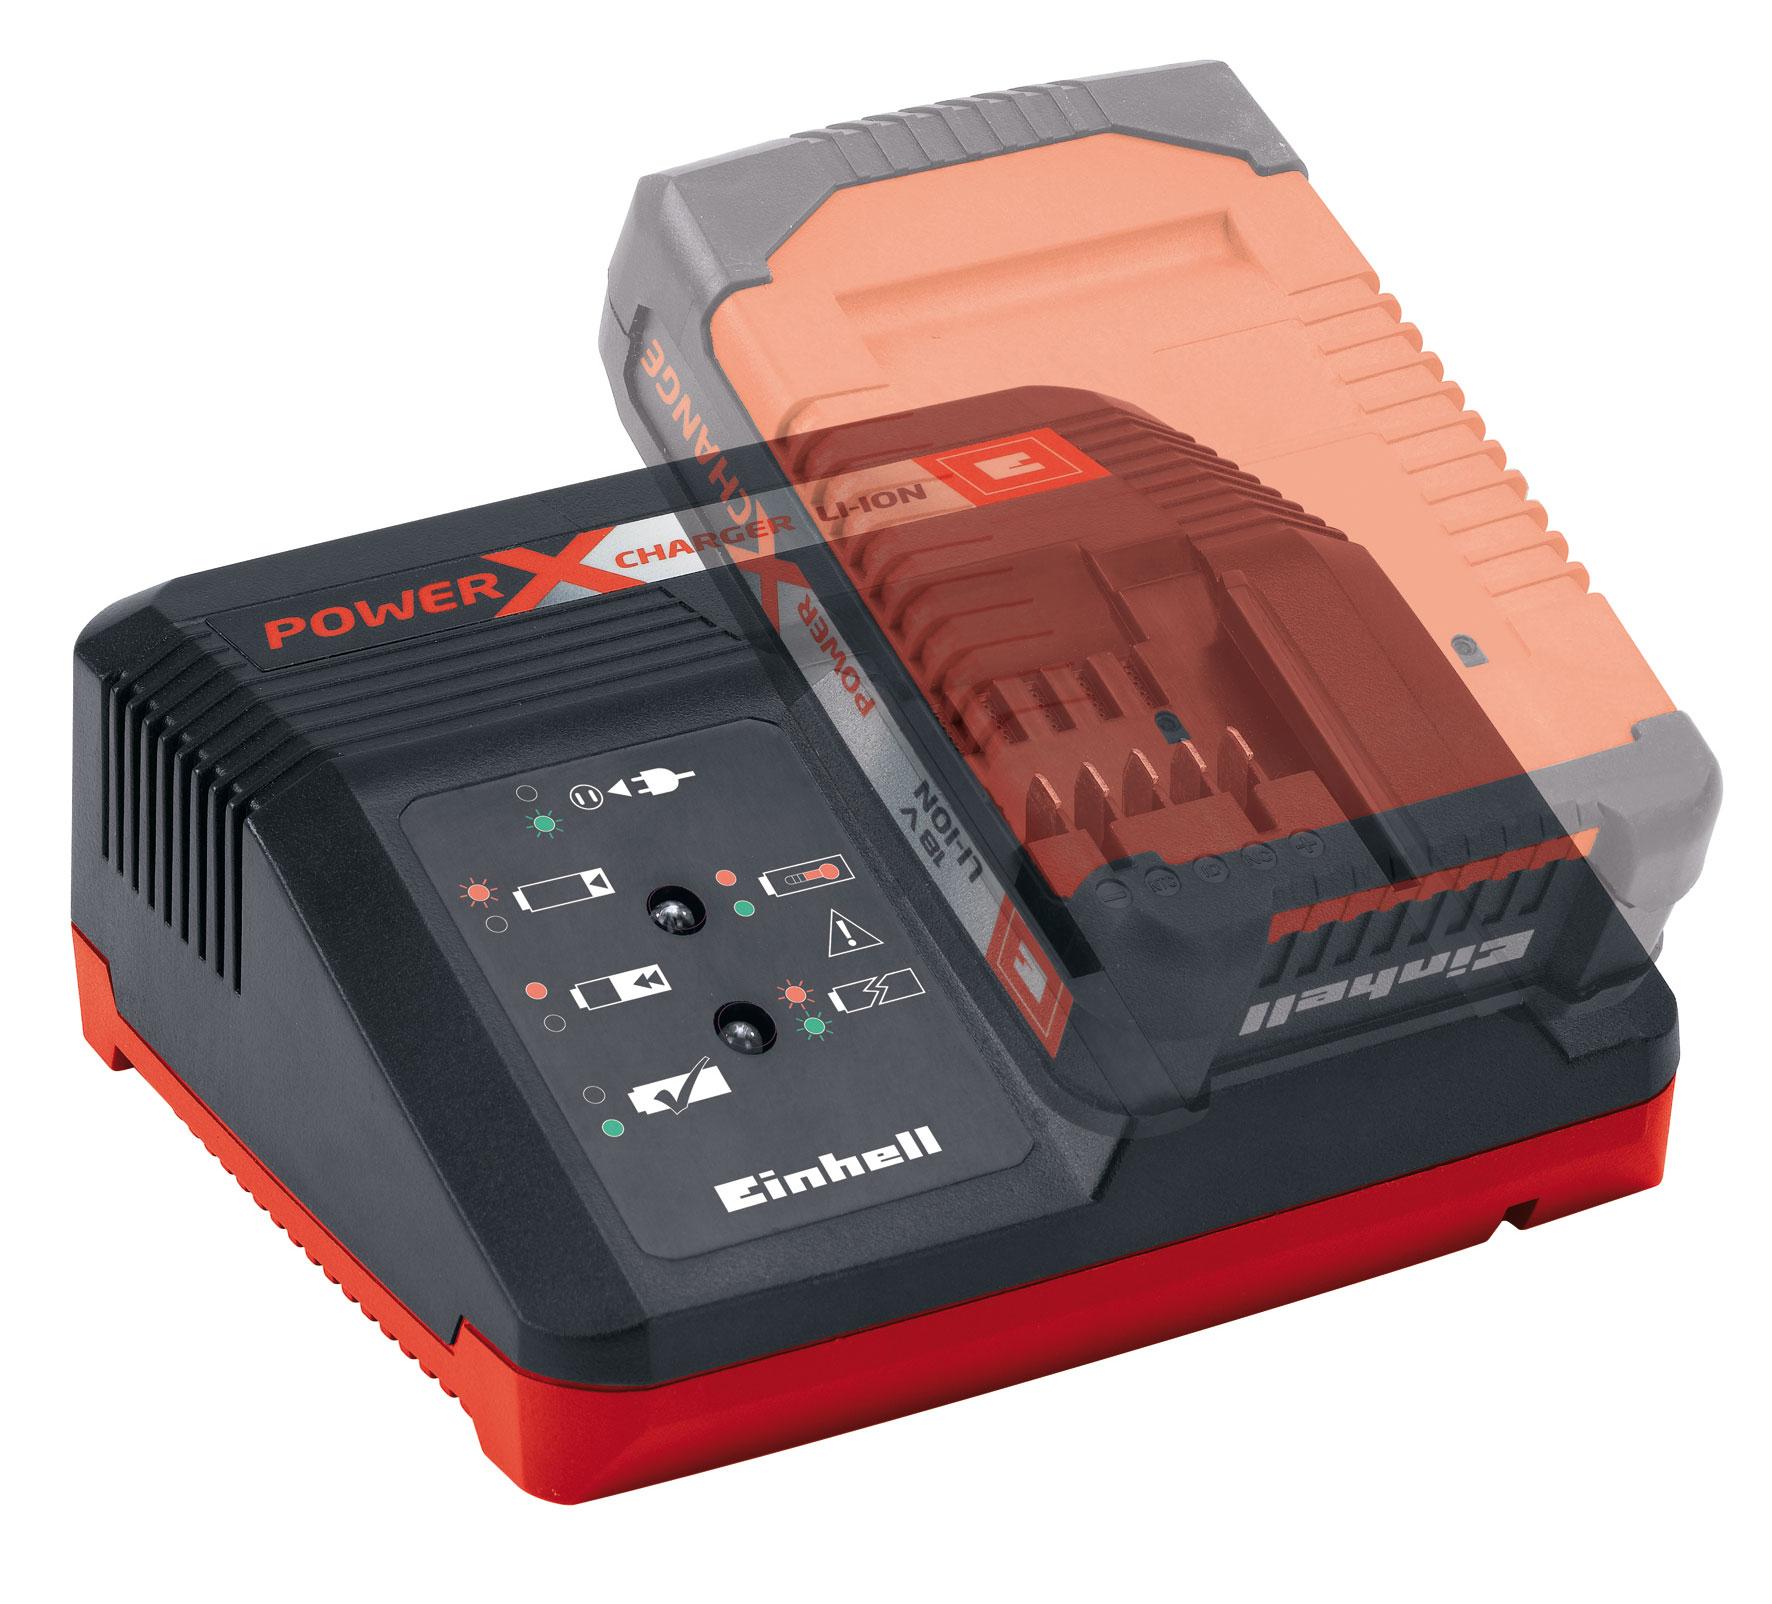 Akku Schnell-Ladegerät Power-X-Charger 18V 30min Bild 2